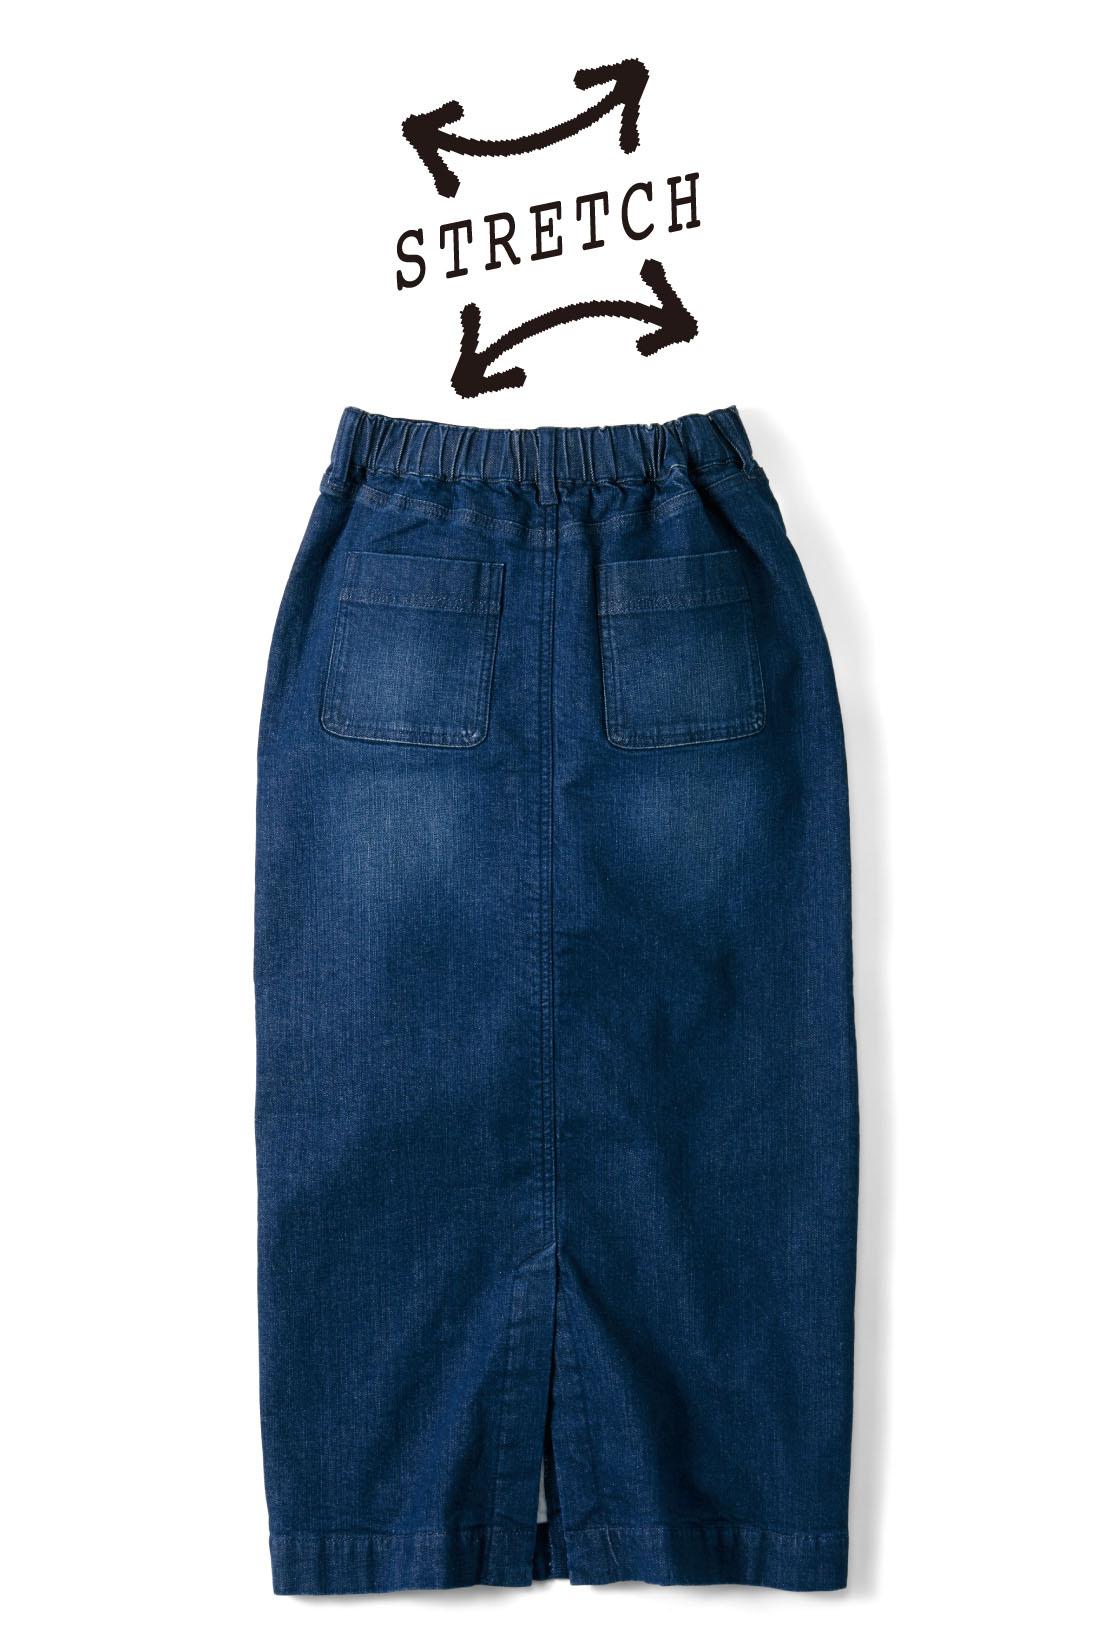 BACK 後ろヨーク+バックポケットで後ろ姿もスッキリ、美尻見せ。 締め付け感のない後ろゴム仕様。 ※お届けするカラーとは異なります。